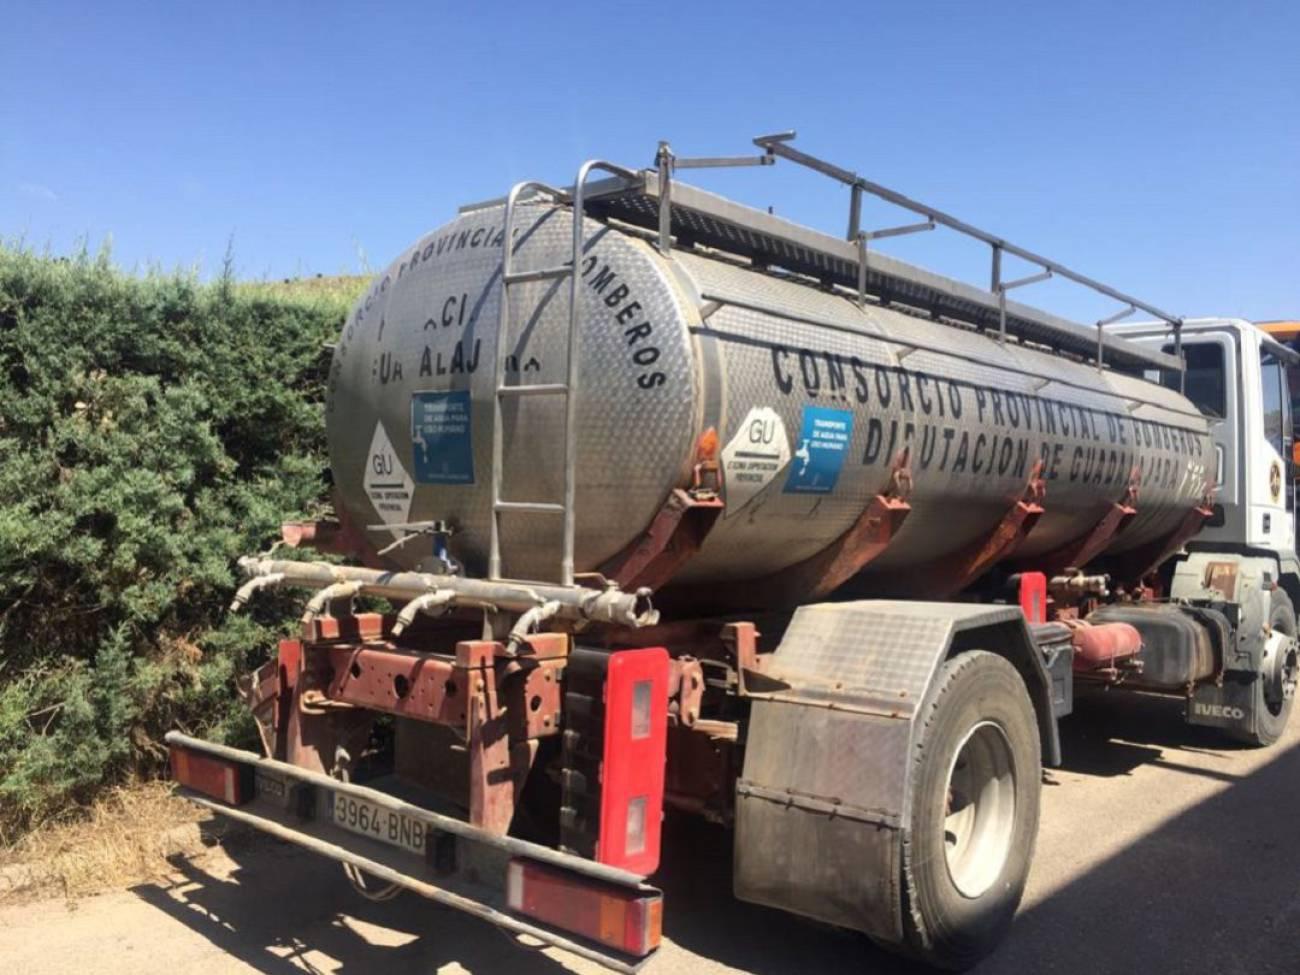 Se reduce en un 35% la demanda de cisternas de agua por sequía este verano